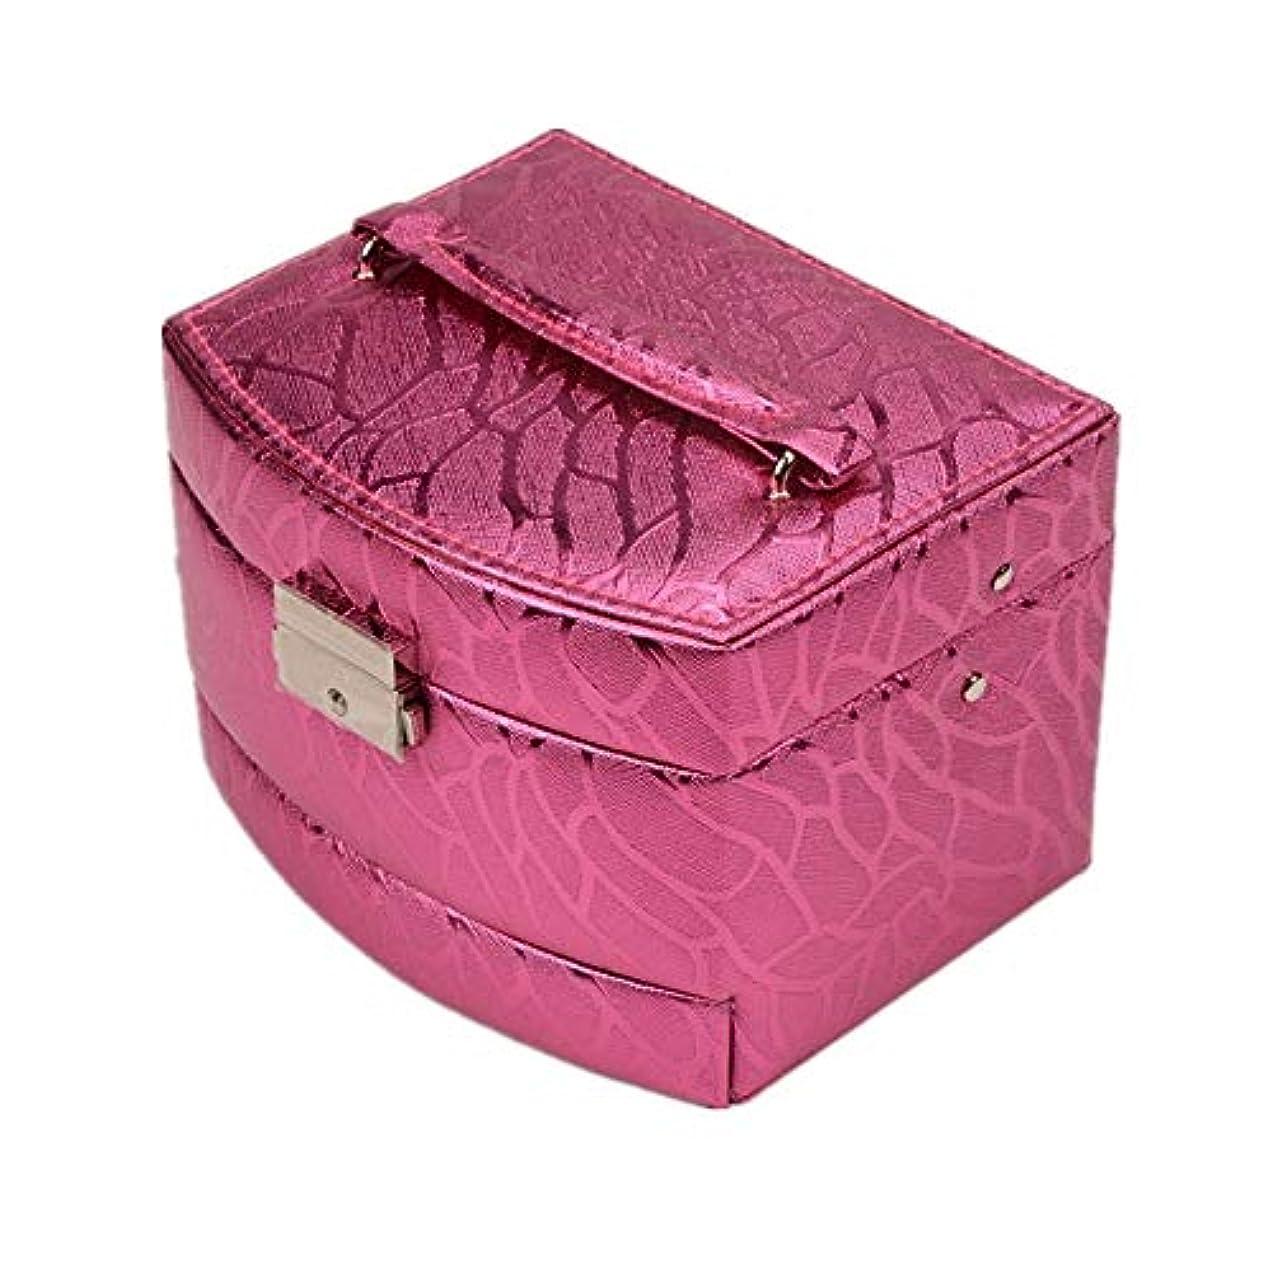 粒子困ったホバー化粧オーガナイザーバッグ 光沢のあるポータブル多層化粧品美容メイクアップ化粧ケースロックと化粧品ミラー 化粧品ケース